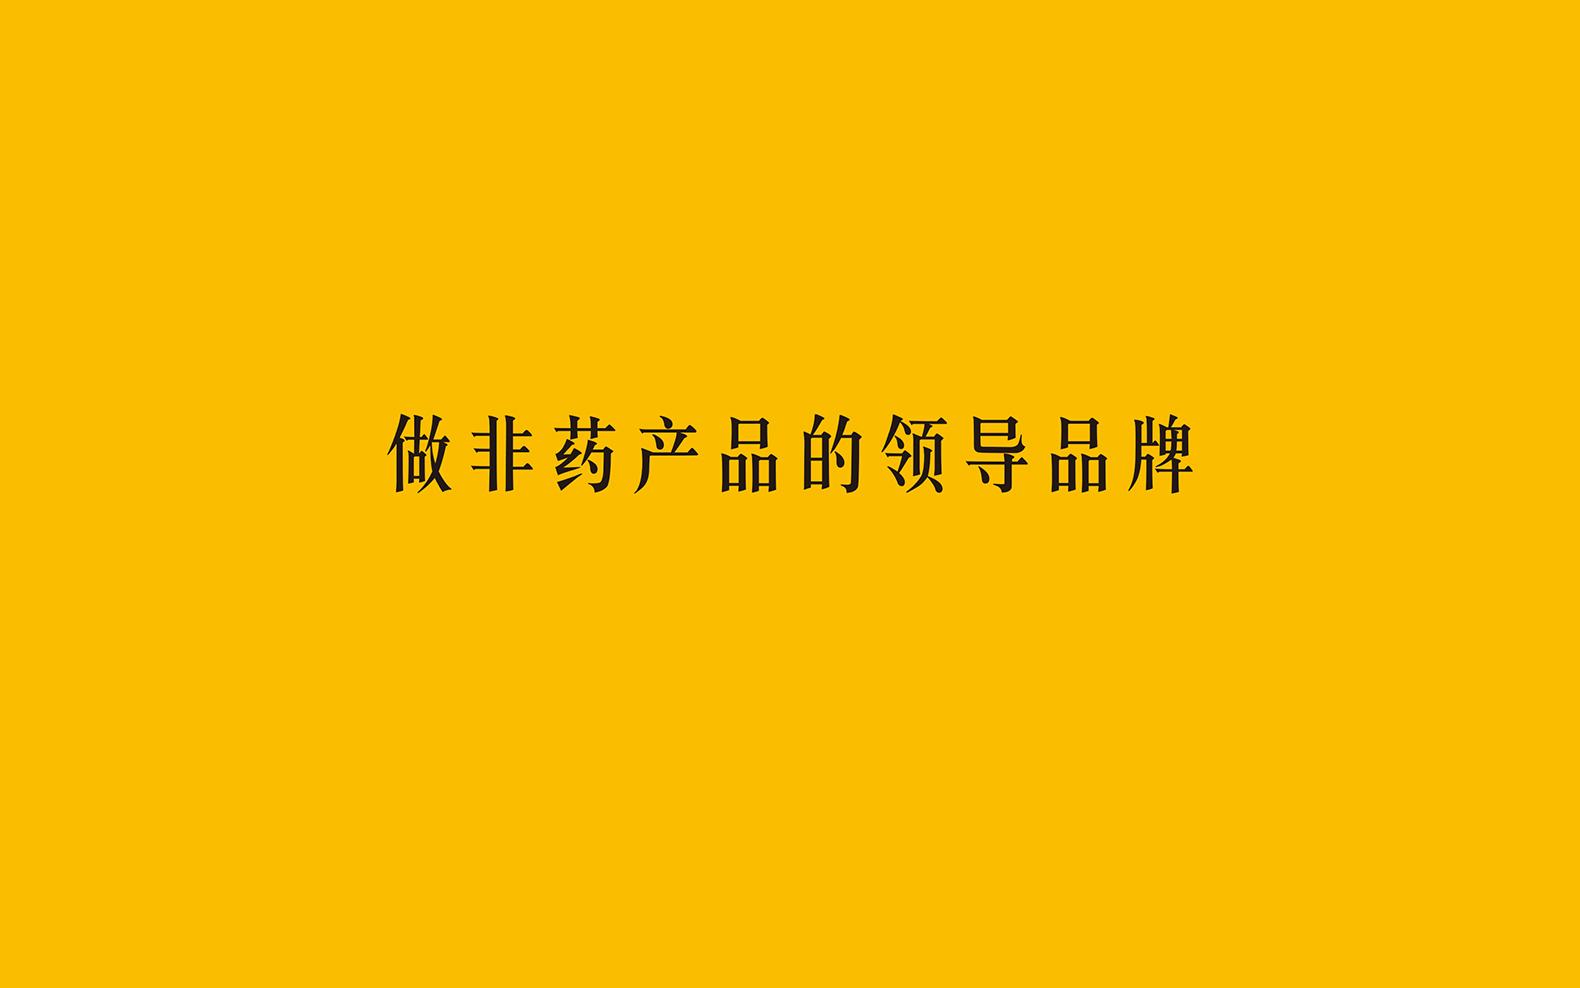 ontata_yellow skin_02